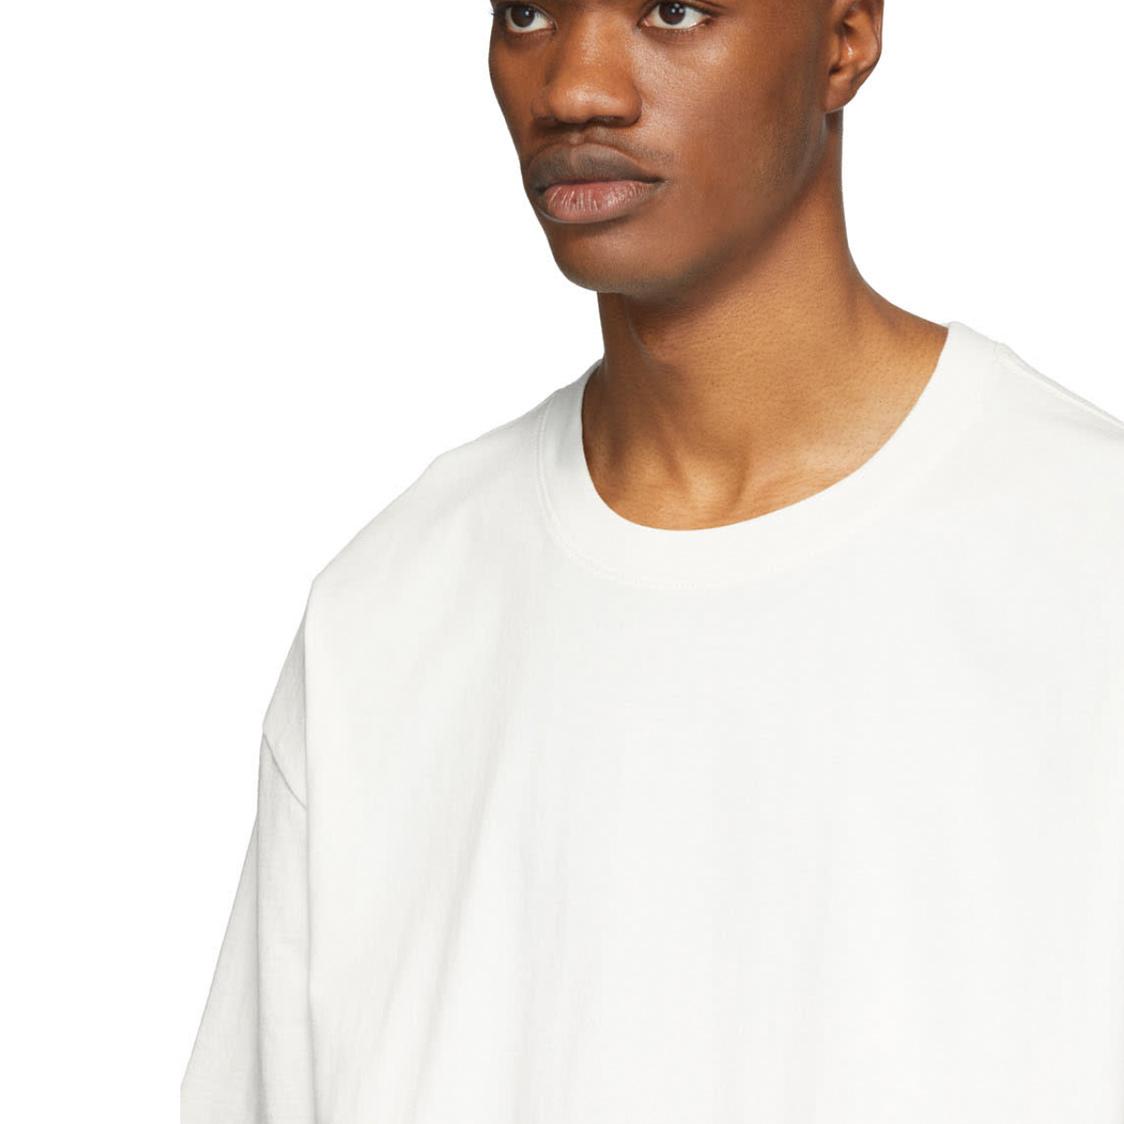 新品 Fear Of God Essentials フェアオブゴッド エッセンシャルズ 【Sサイズ】 バックプリント ロゴ Tシャツ ホワイト FOG